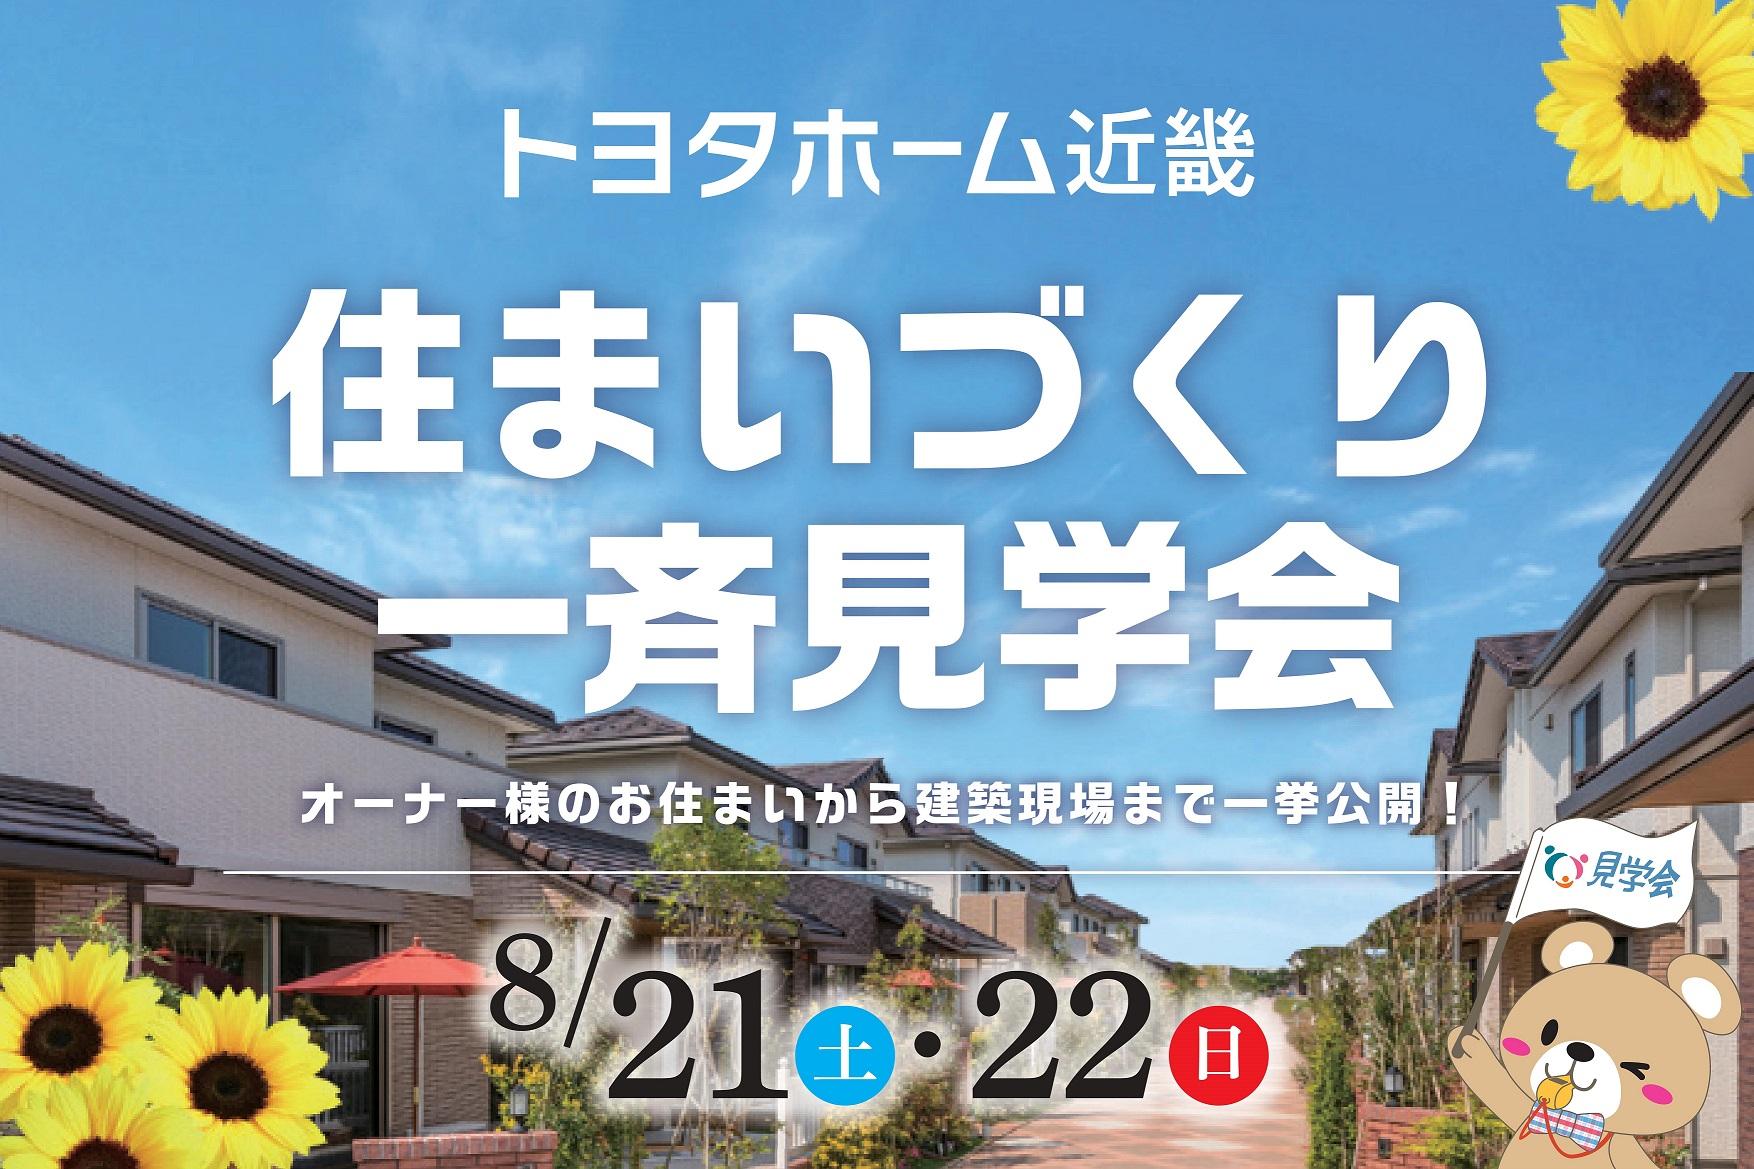 8/21(土)・22(日|住まいづくり一斉見学会サムネイル画像